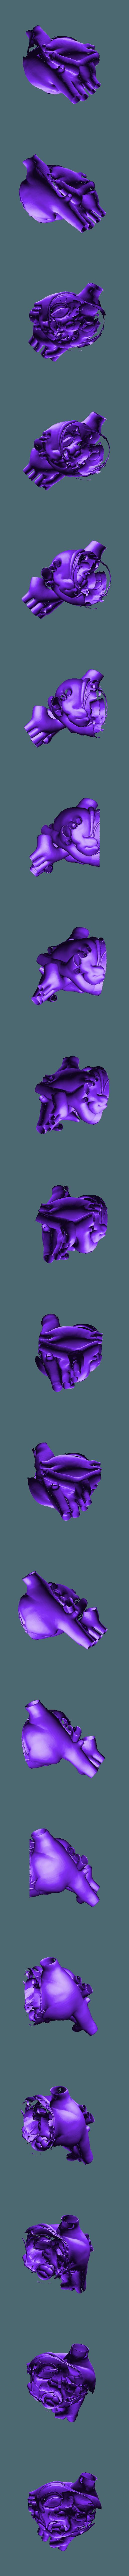 heart_top_8_2.stl Télécharger fichier STL gratuit Le cœur d'or • Objet à imprimer en 3D, Valchanov